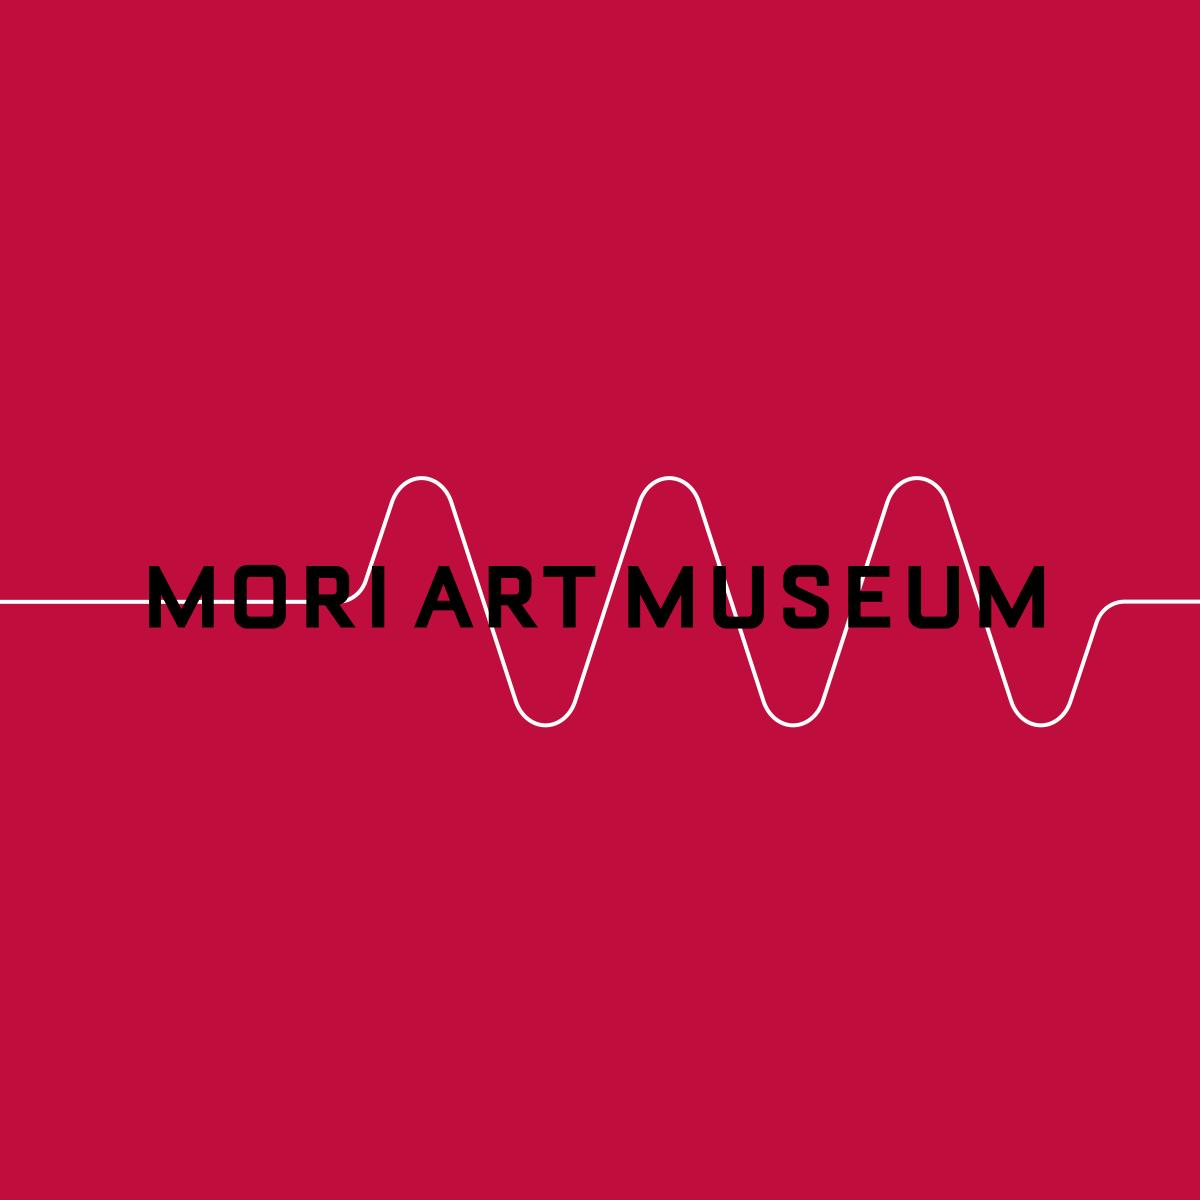 画像: カタストロフと美術のちから展 | ニュース | 森美術館 - MORI ART MUSEUM